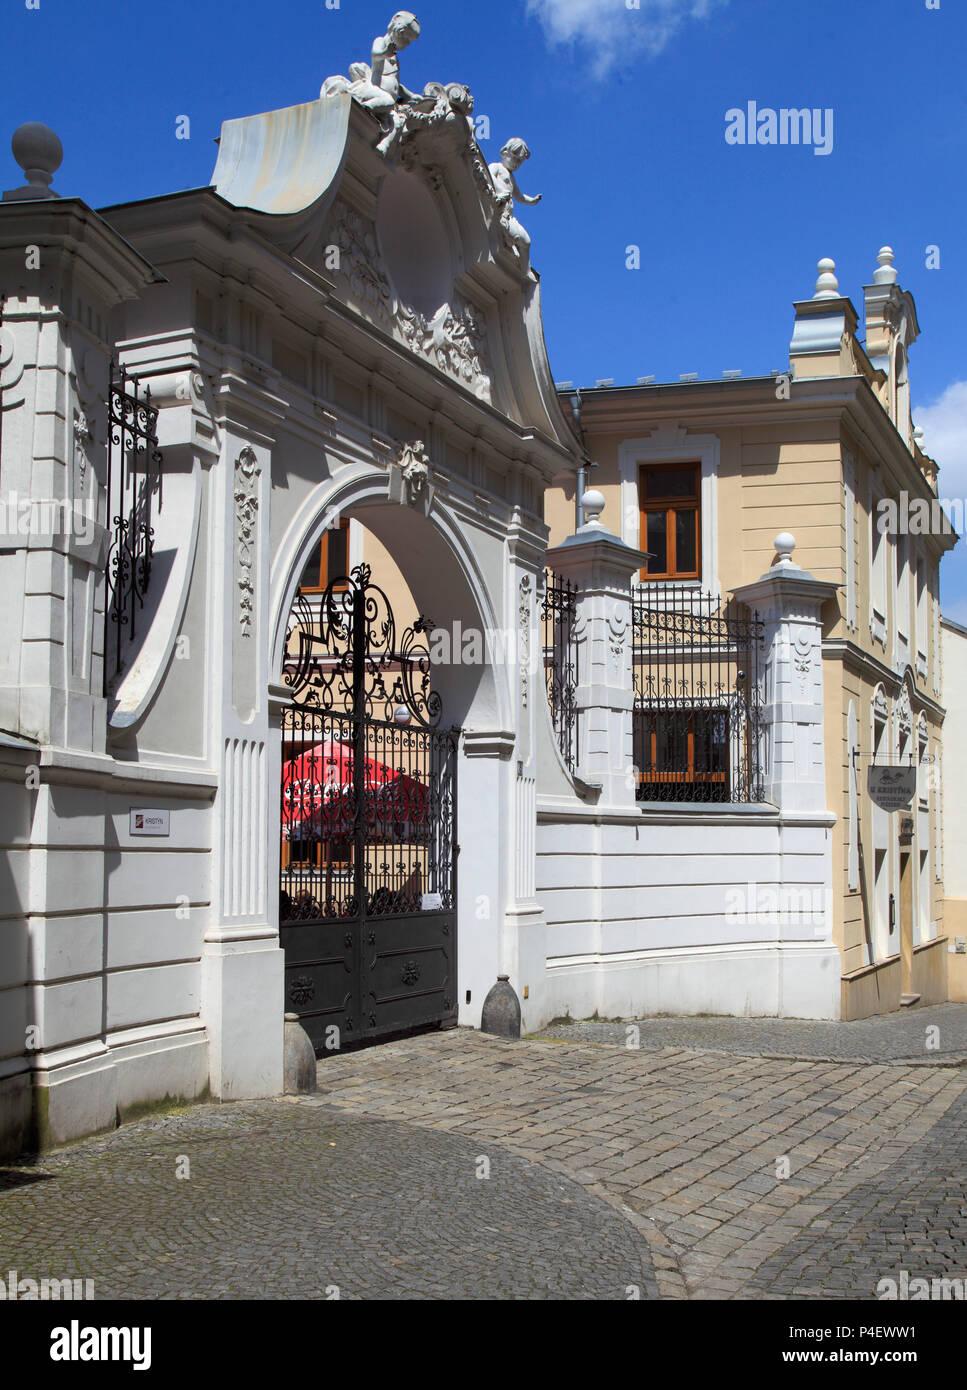 Czech Republic, Moravia, Olomouc, Curia Archiepiscopalis, gate, - Stock Image